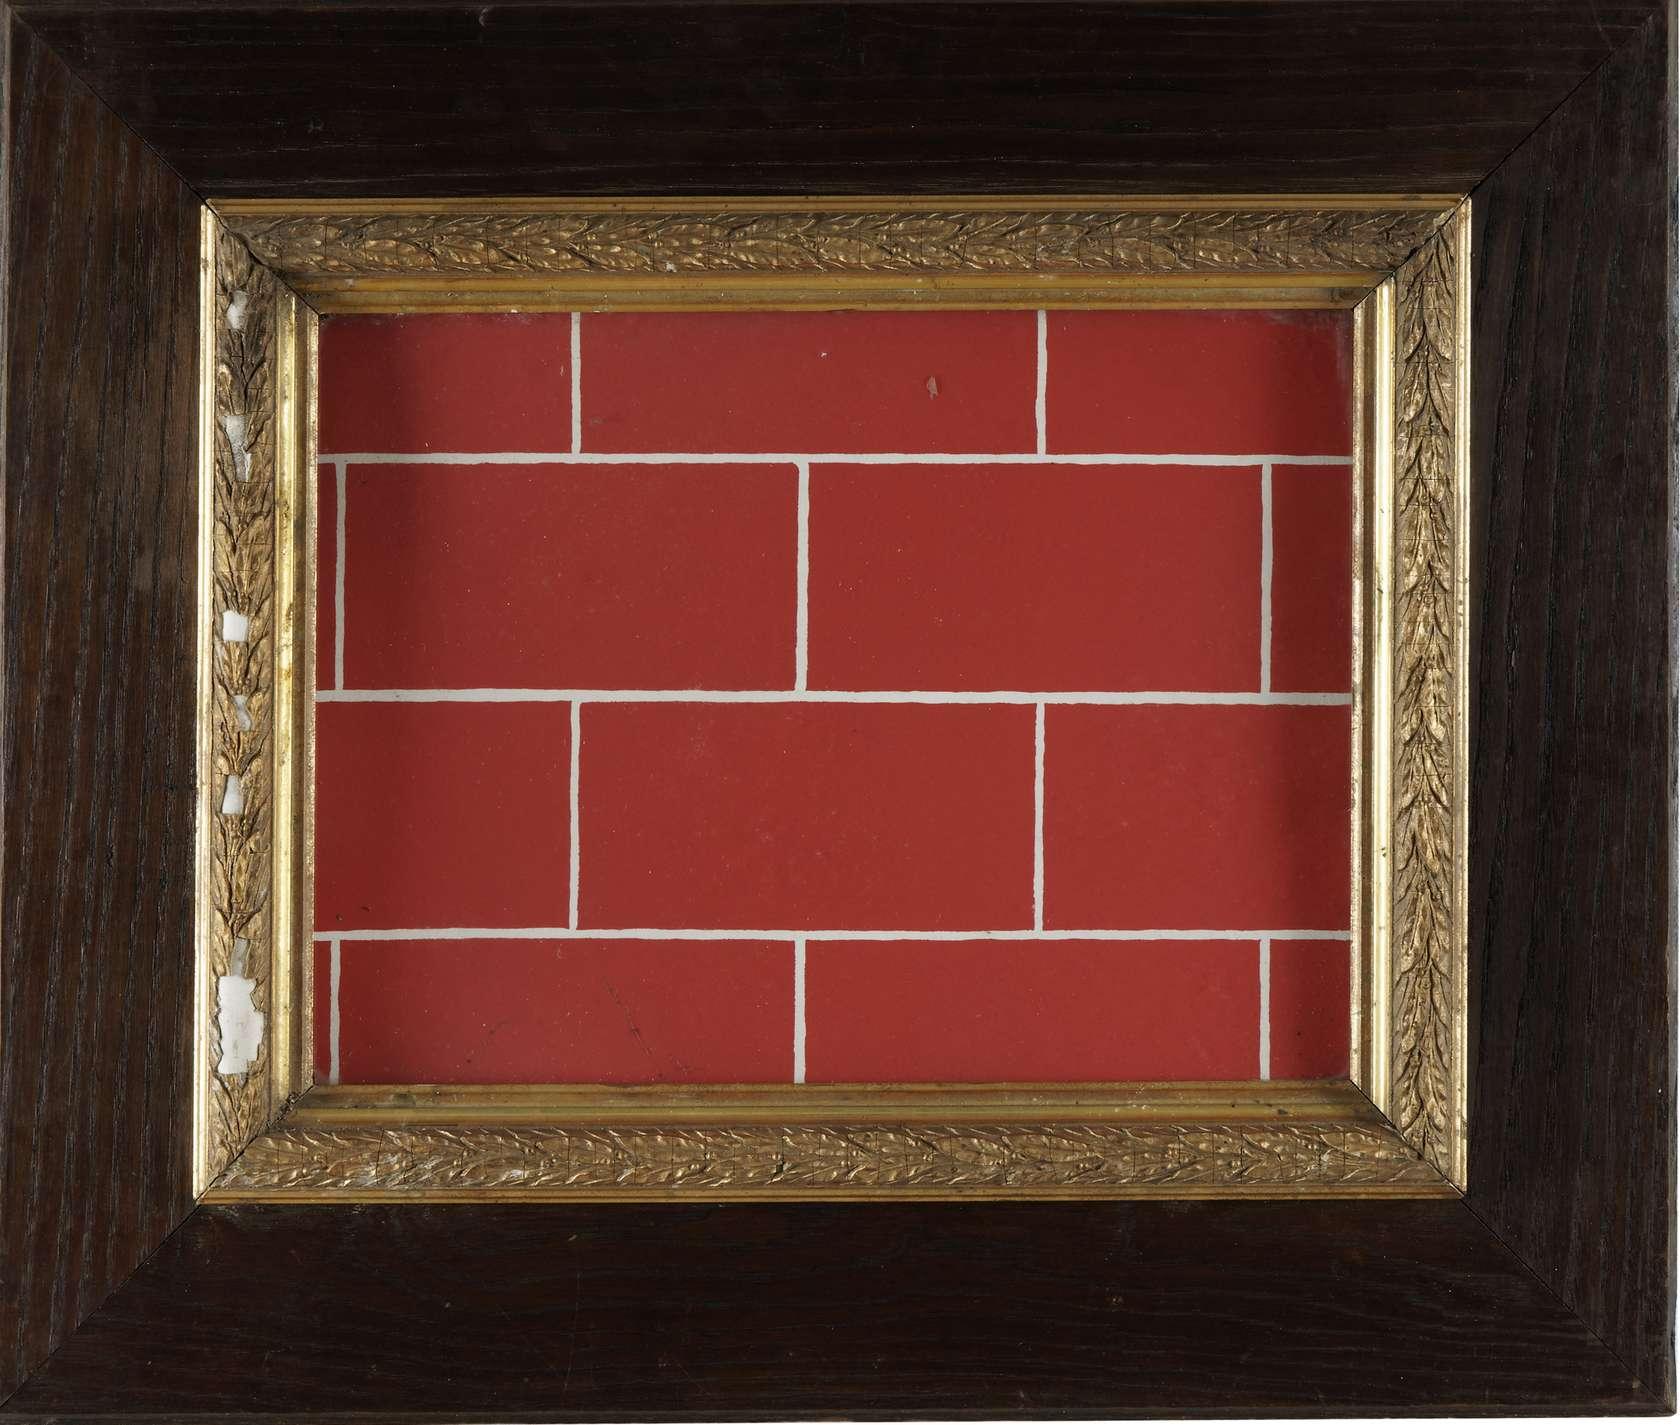 Présence Panchounette, Sérigraphie fausse brique, 1978 Sérigraphie encadrée35.5 × 40 cm / 14  × 15 3/4 in.